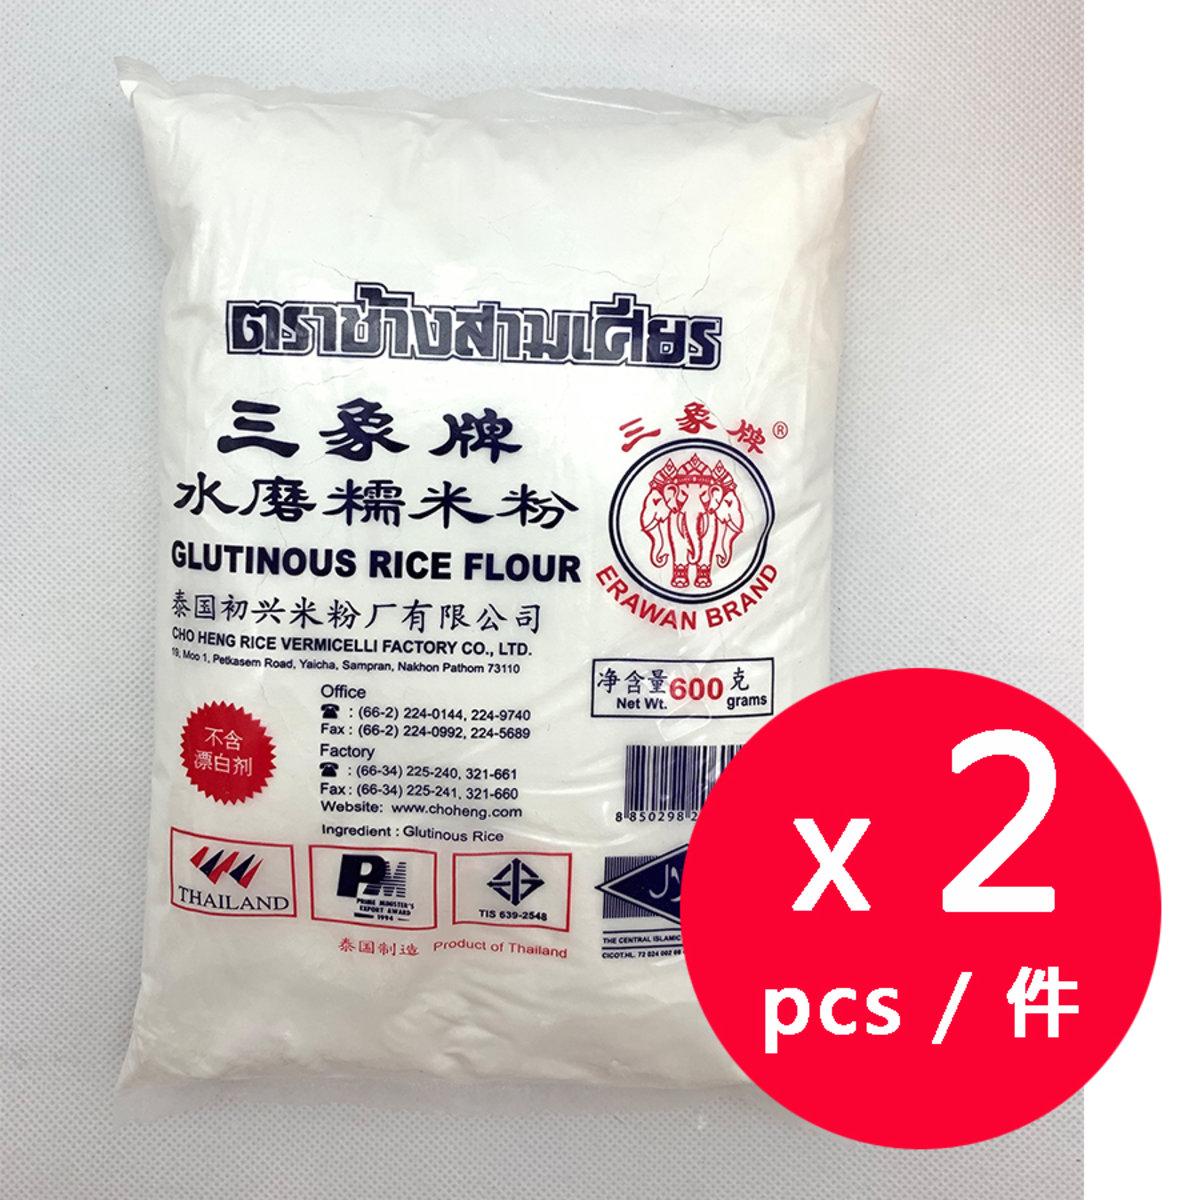 三象牌水磨糯米粉 600g x 2包 (平行進口)